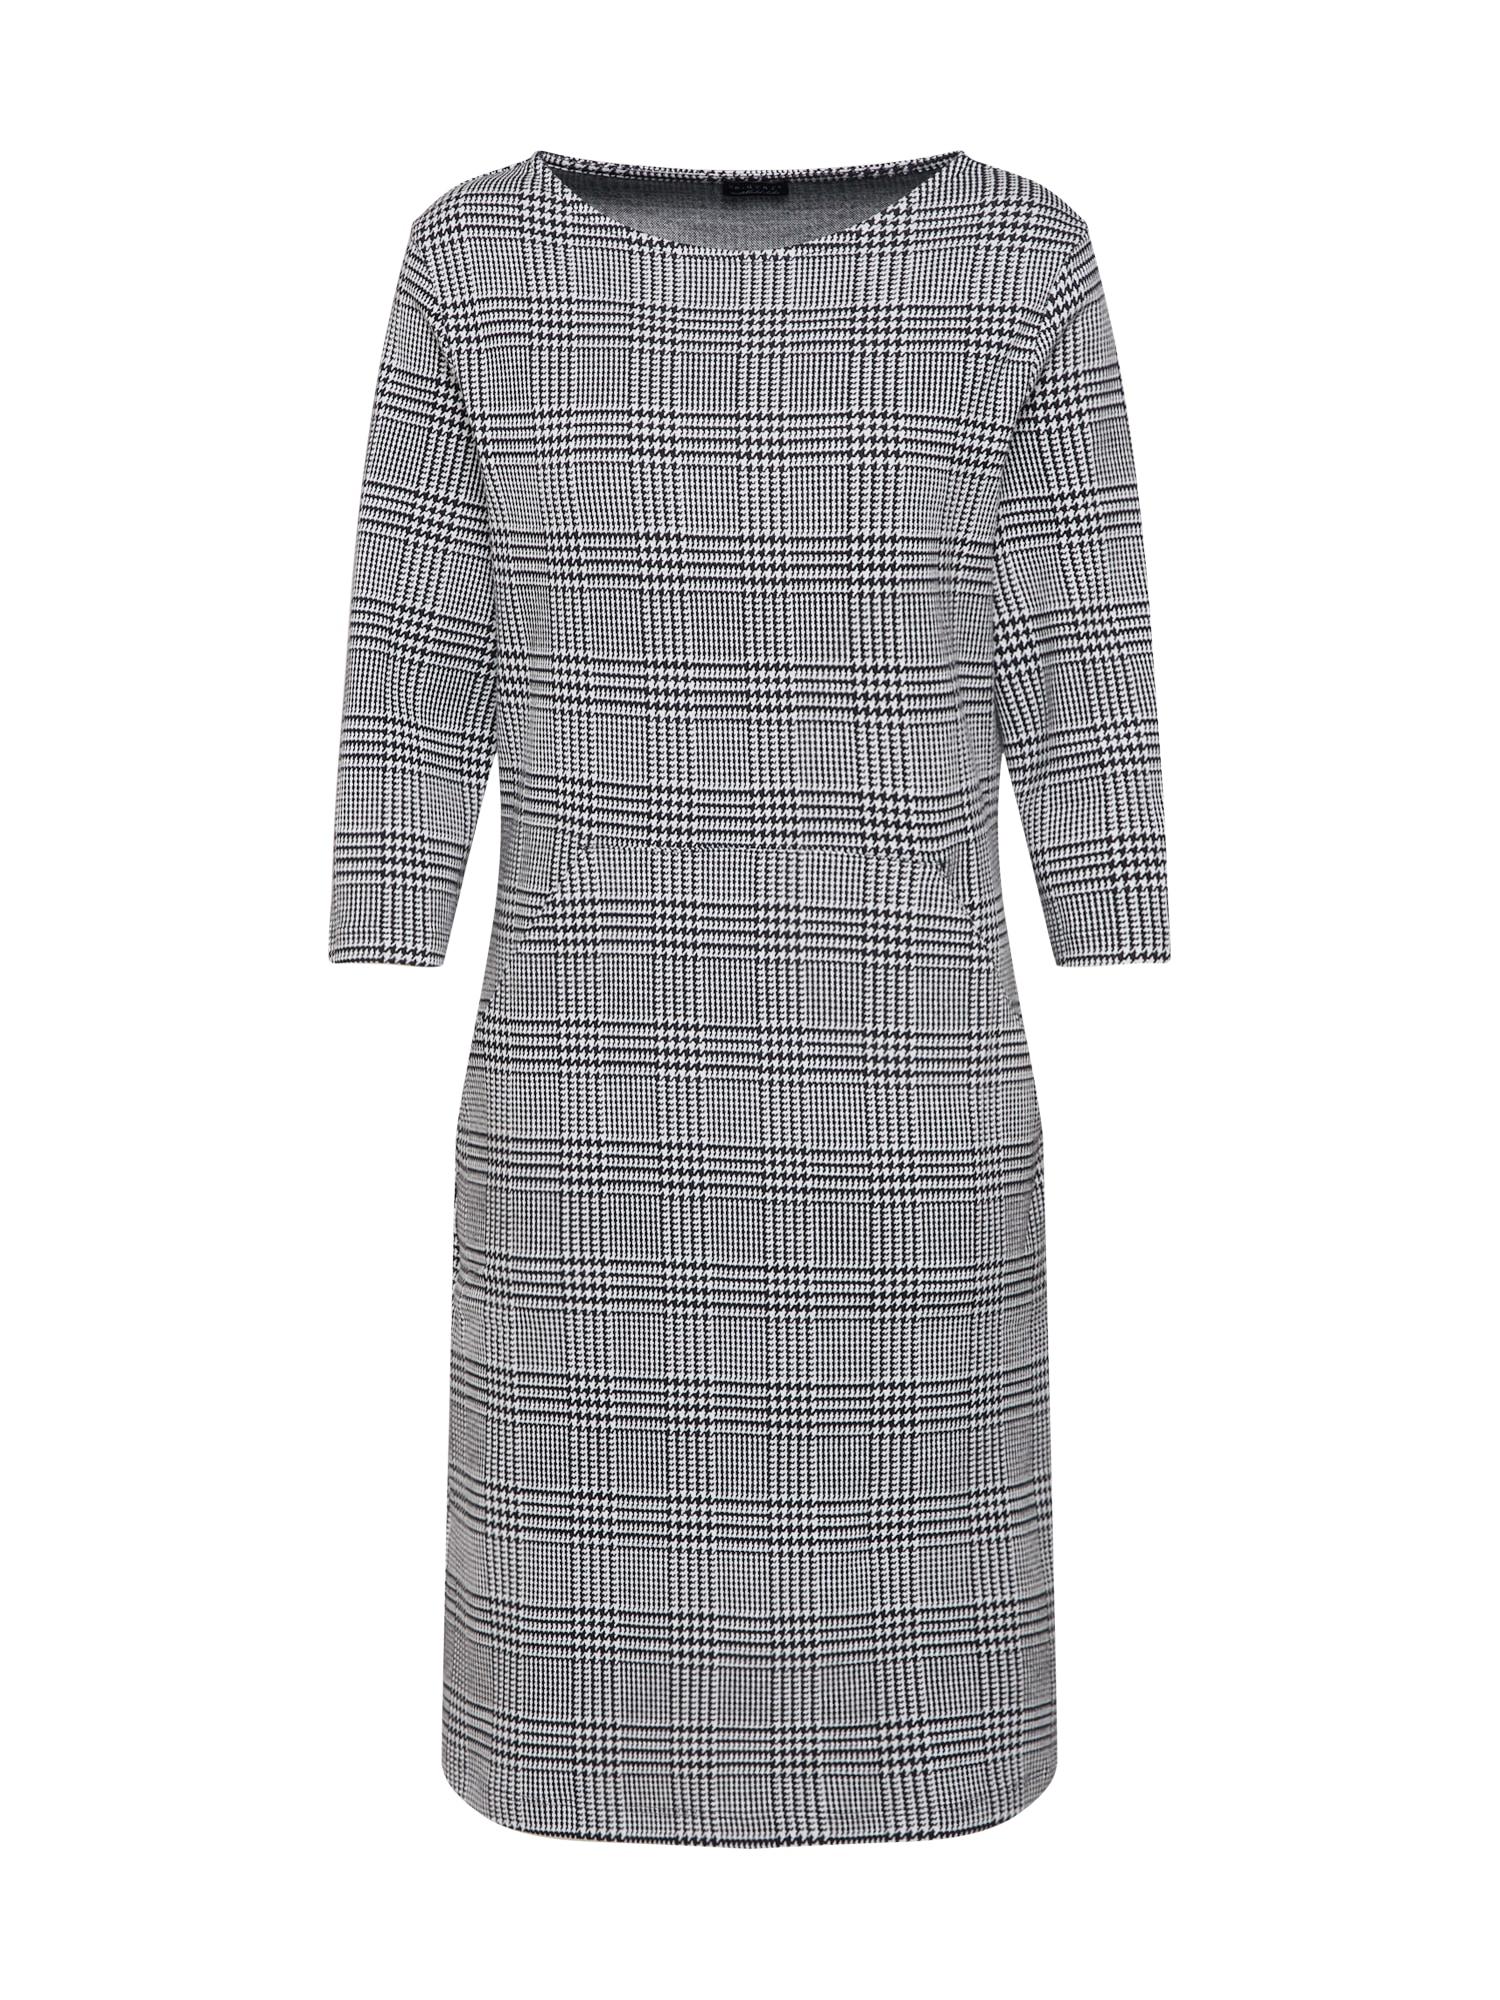 Šaty Dress šedá černá Re.draft